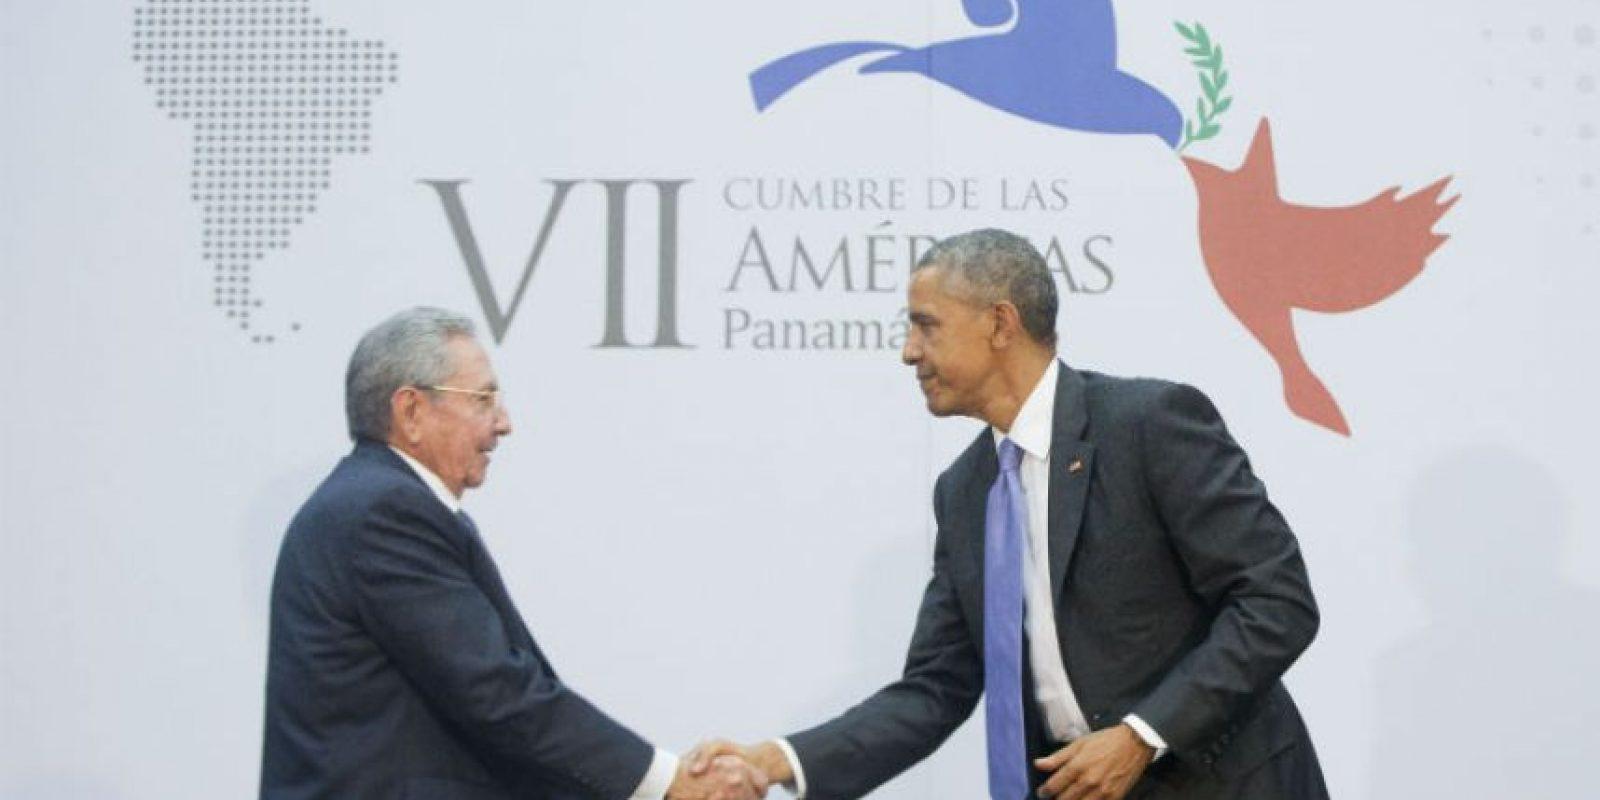 Esto después que Washington y La Habana decidieran restablecer sus relaciones diplomáticas en diciembre del año pasado. Foto:AP